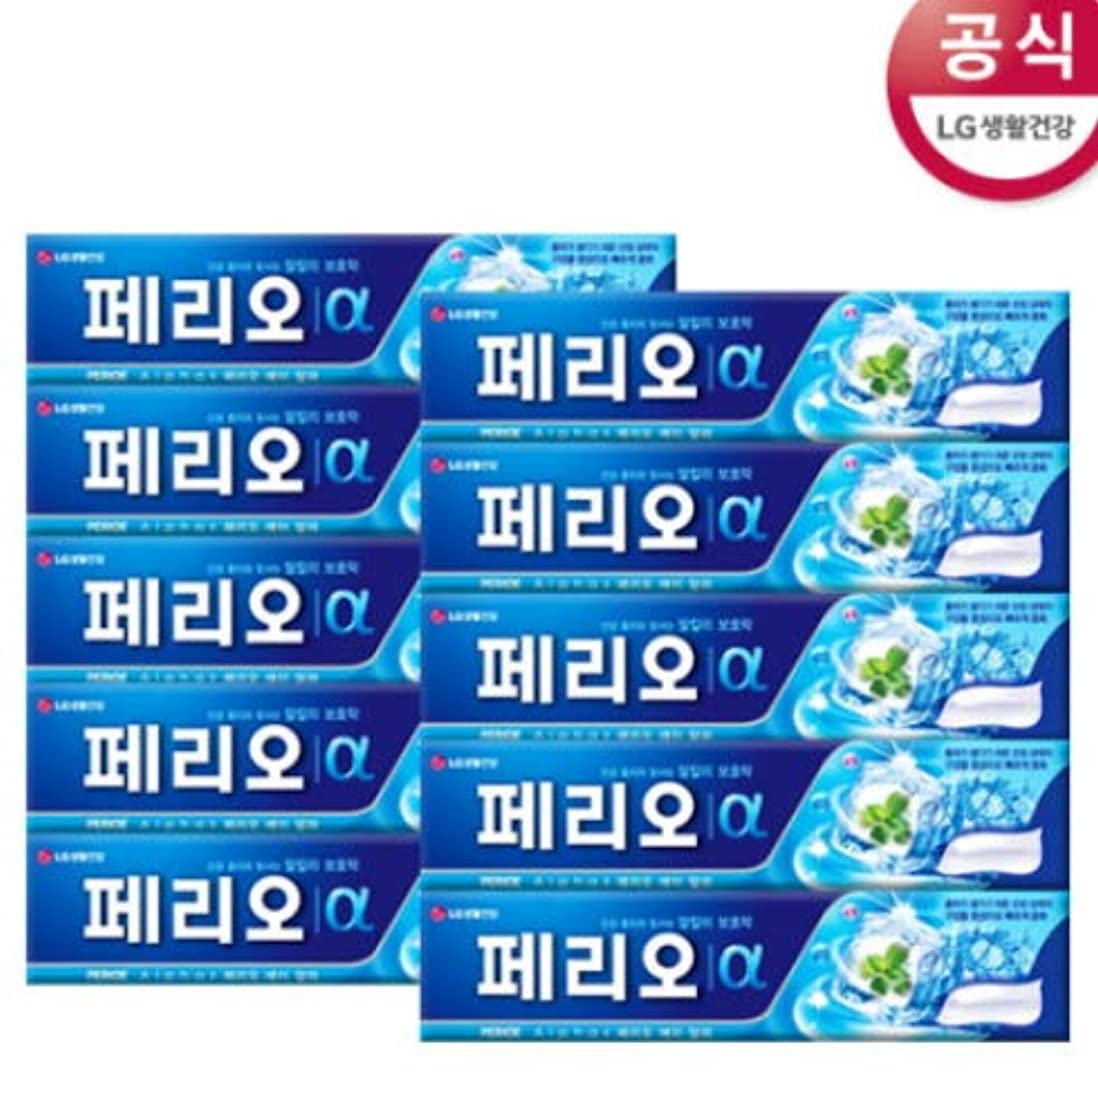 予想するオーナメントよろめく[LG HnB] Perio Alpha Toothpaste/ペリオアルファ歯磨き粉 170gx10個(海外直送品)